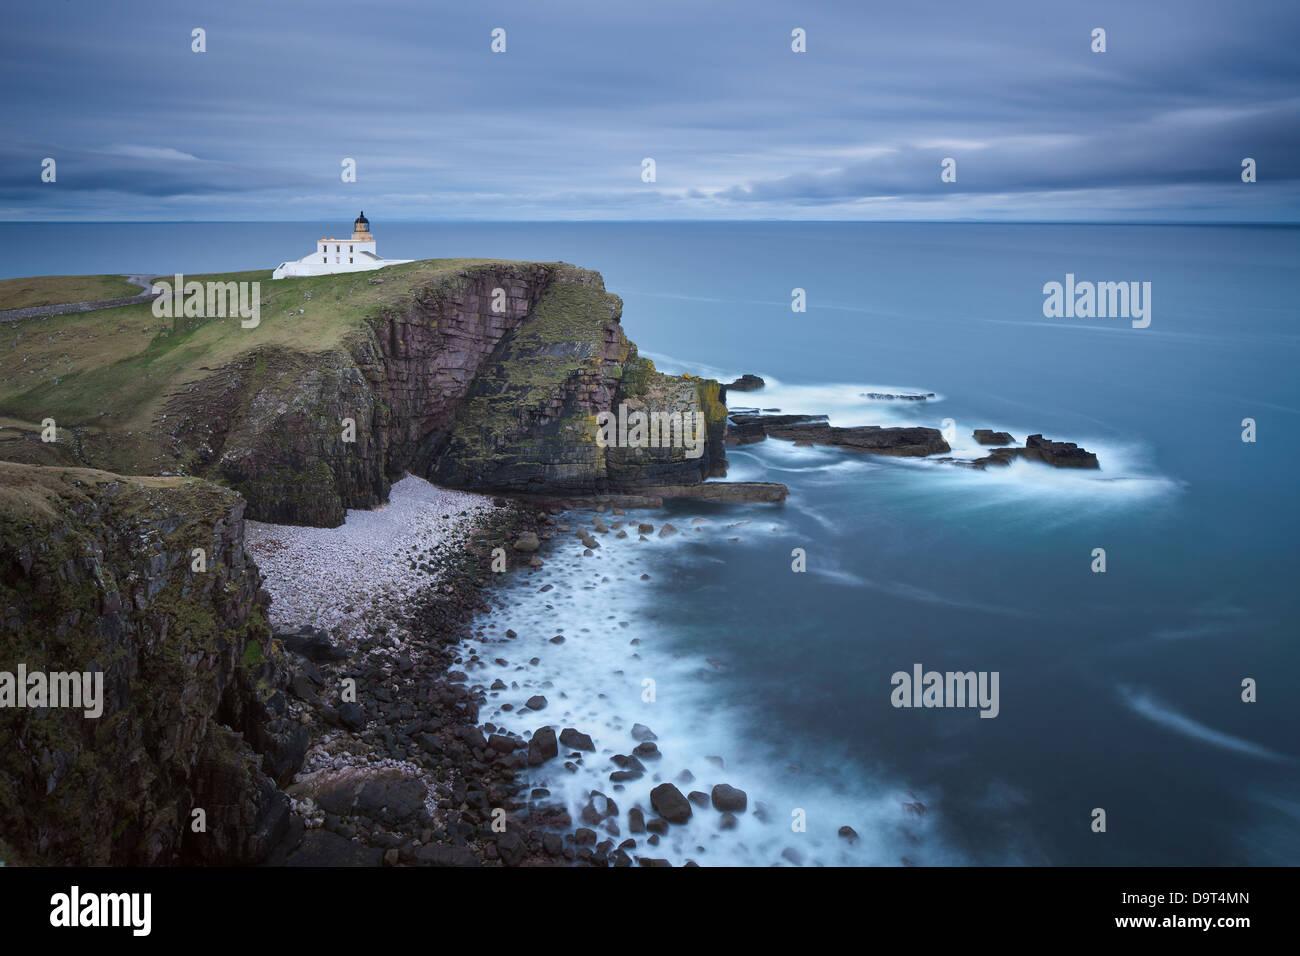 Stoer Head Lighthouse, Sutherland, Scotland, UK - Stock Image